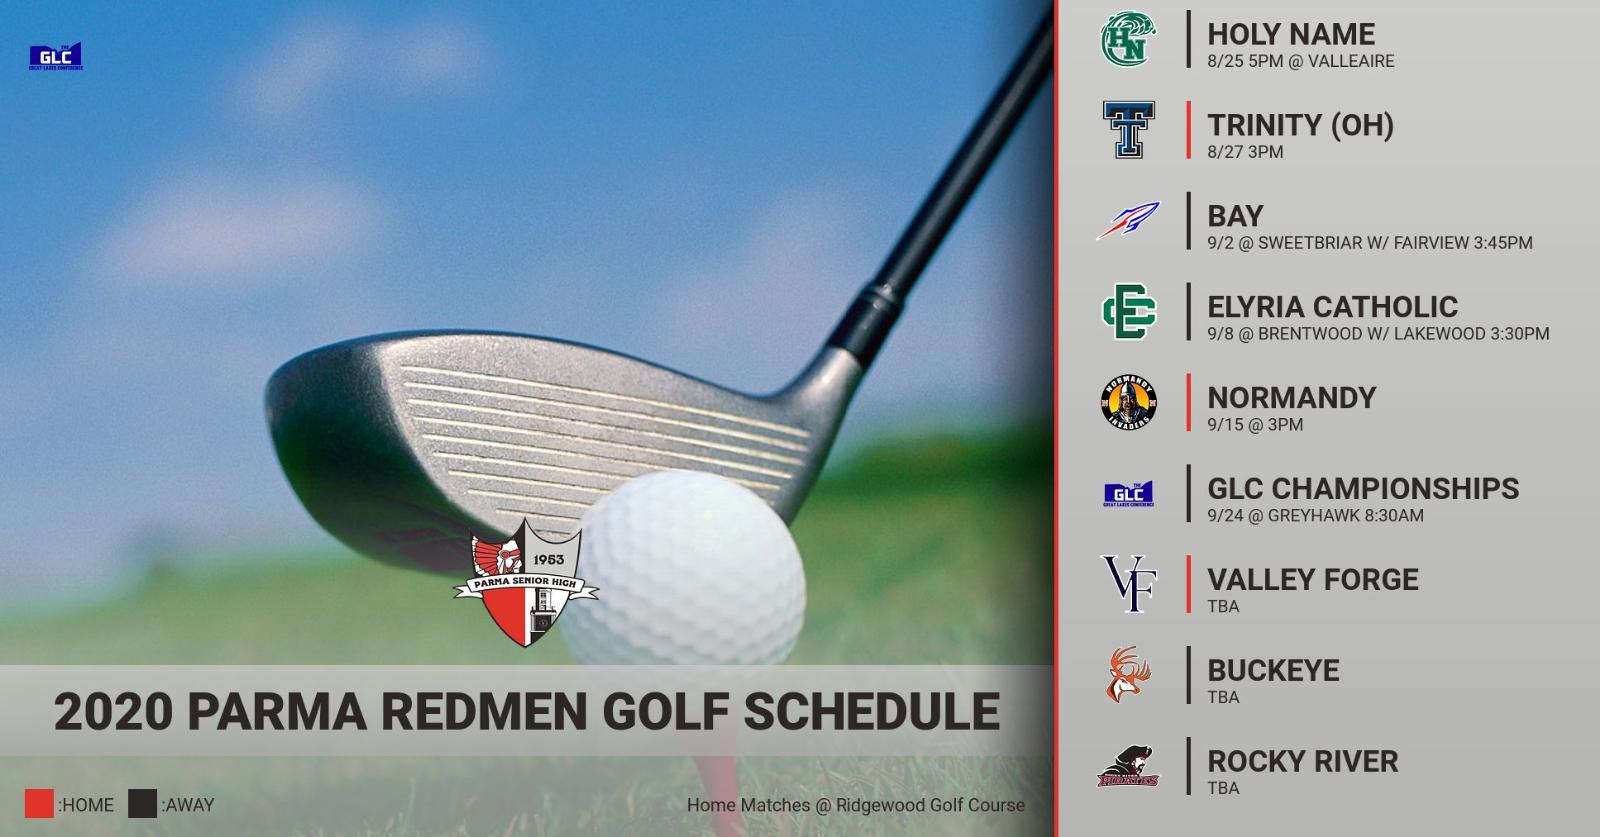 2020 Parma Redmen Golf Schedule